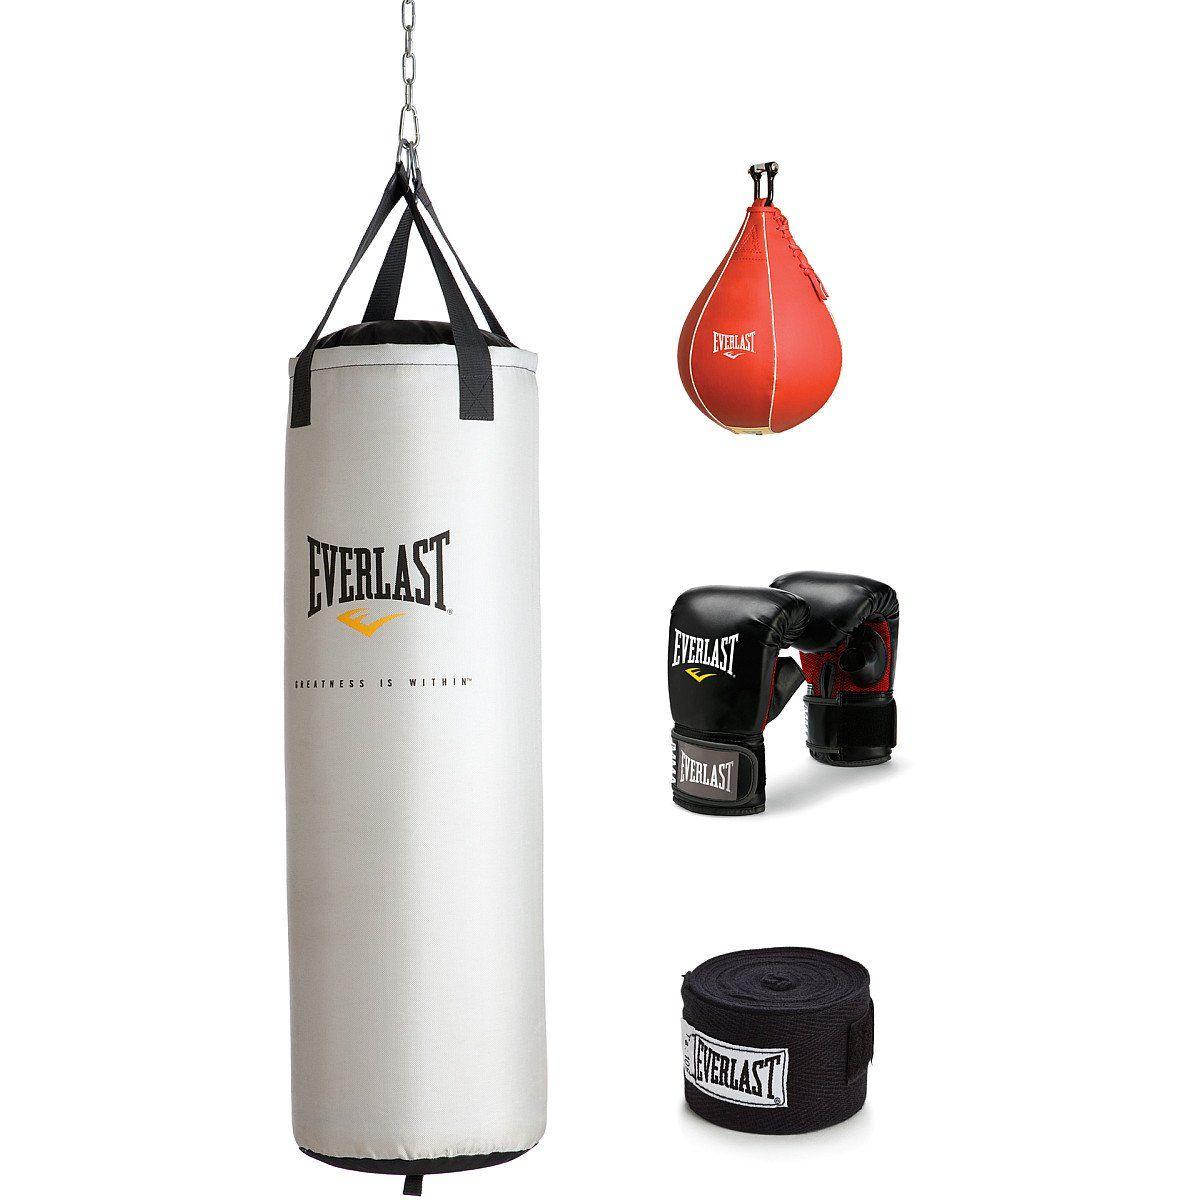 Everlast 70 lb Platinum Heavy Bag Kit | Heavy bag gloves